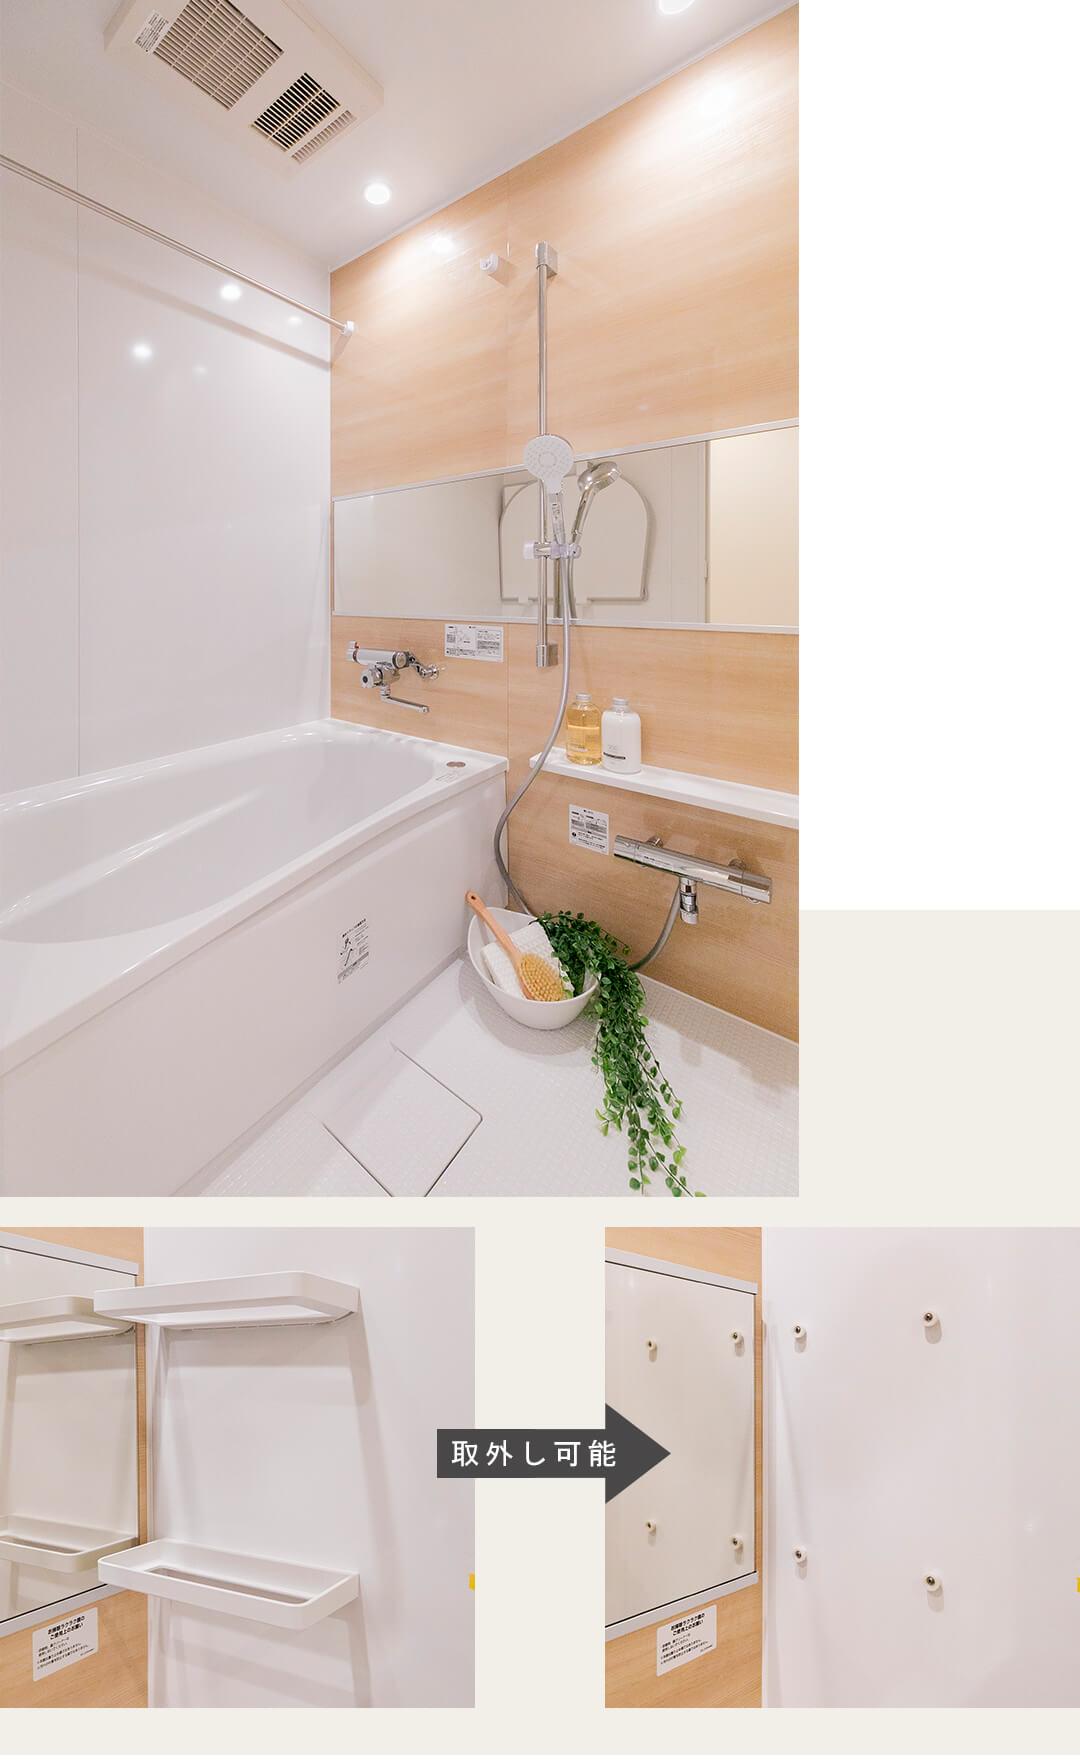 上目黒小川坂ハイツの浴室